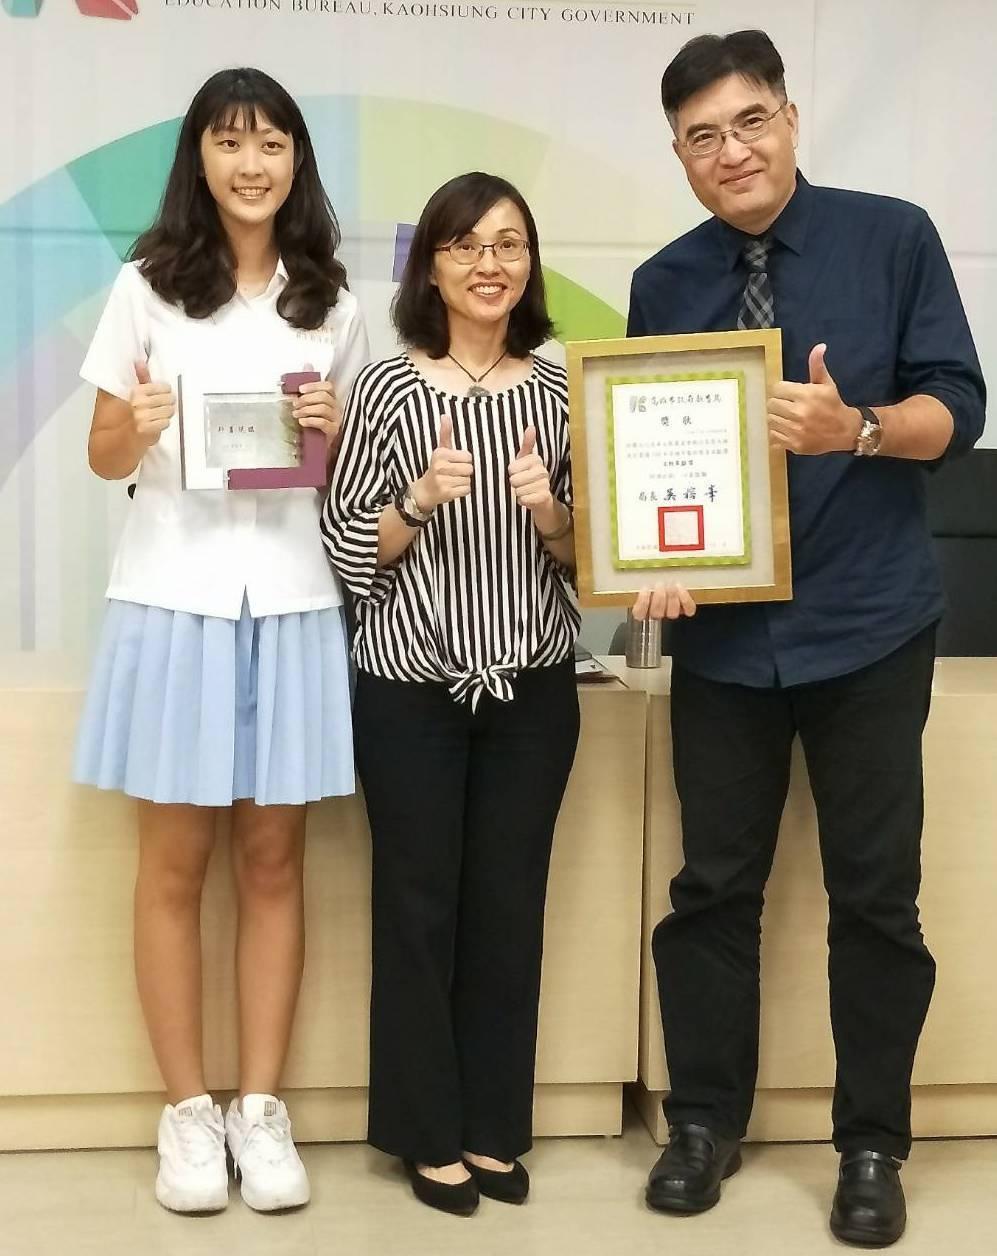 張天雄(右)與張筑貽(左)父女,分獲社會教育貢獻獎、藝術教育貢獻獎與家庭教育獎,...